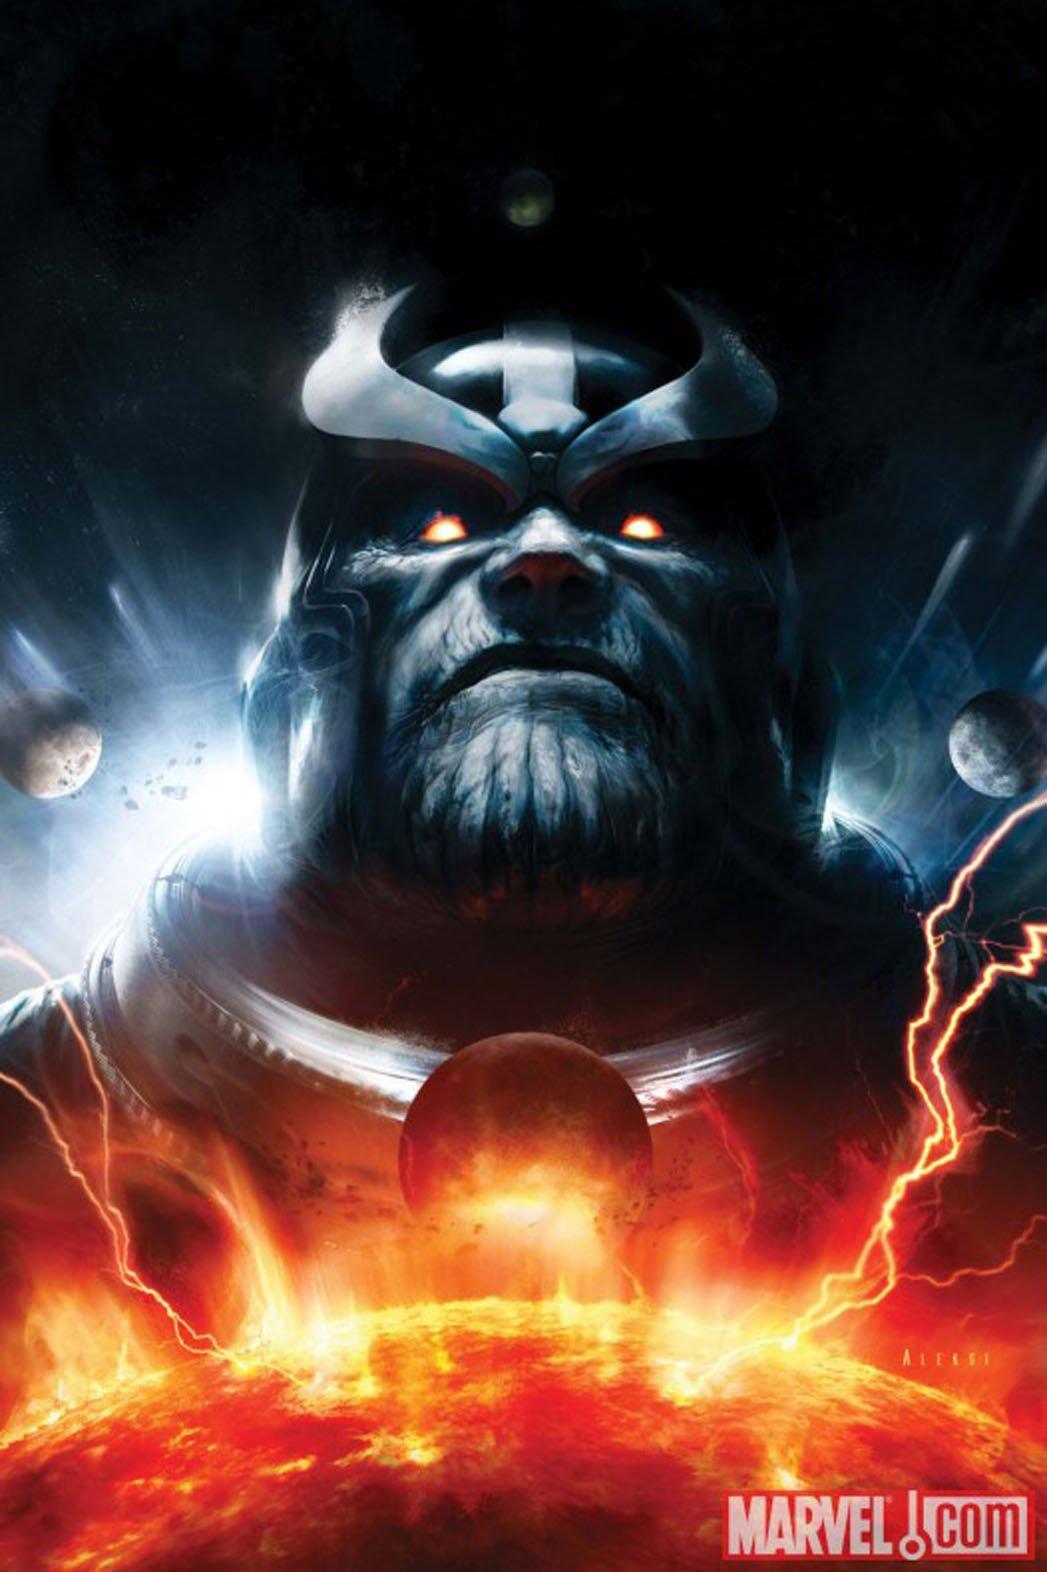 Fumetti e film Marvel: Dan Buckley risponde a critiche